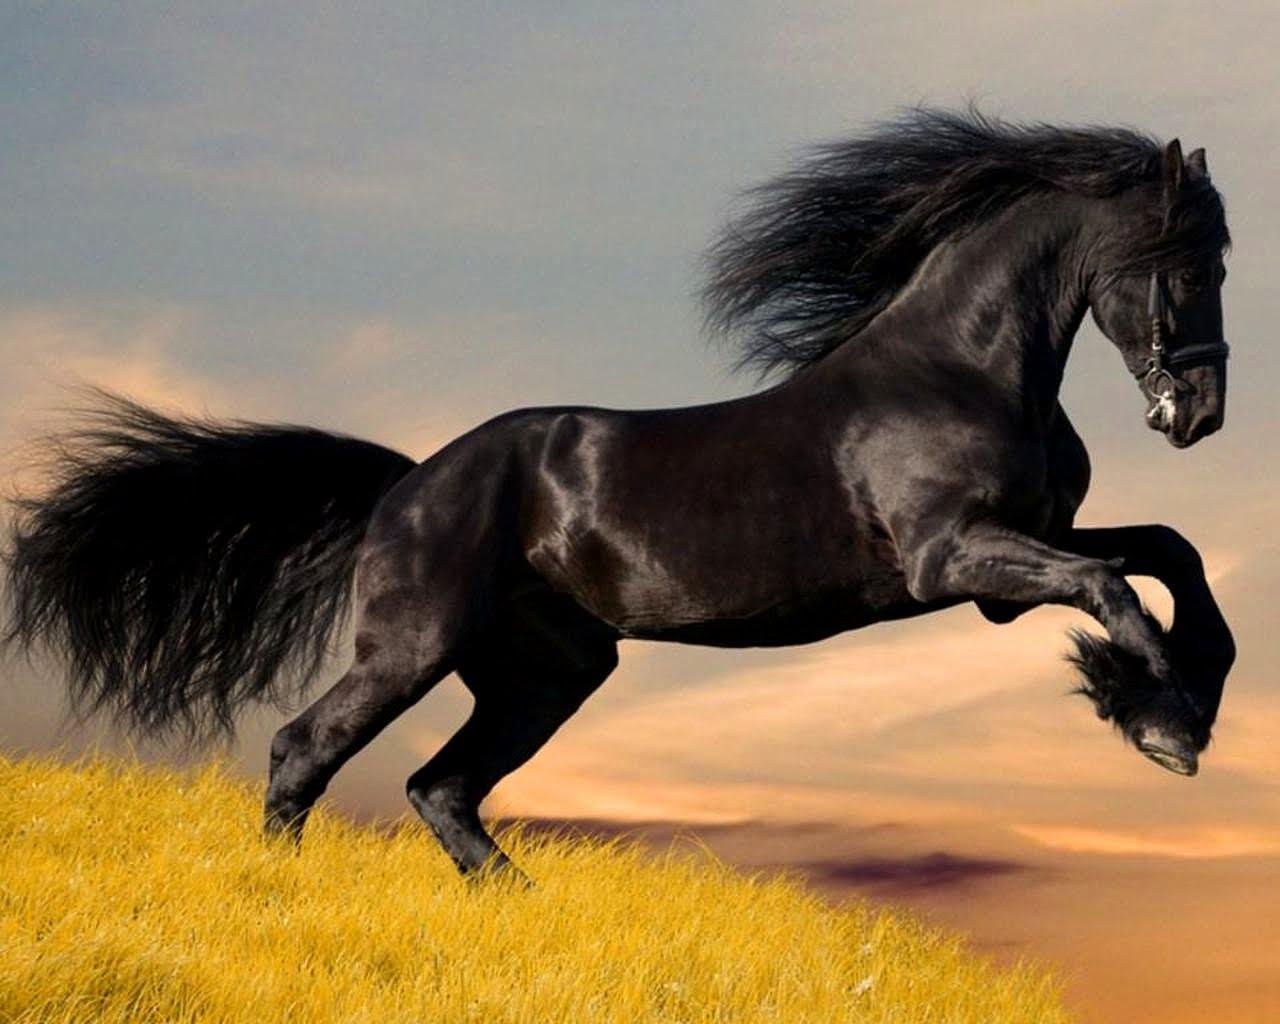 http://2.bp.blogspot.com/-uHUi7f0GORY/TYBhiZ8qzTI/AAAAAAAAAHQ/yy6OpkcwmvU/s1600/caballo_negro_wallpaper.jpg